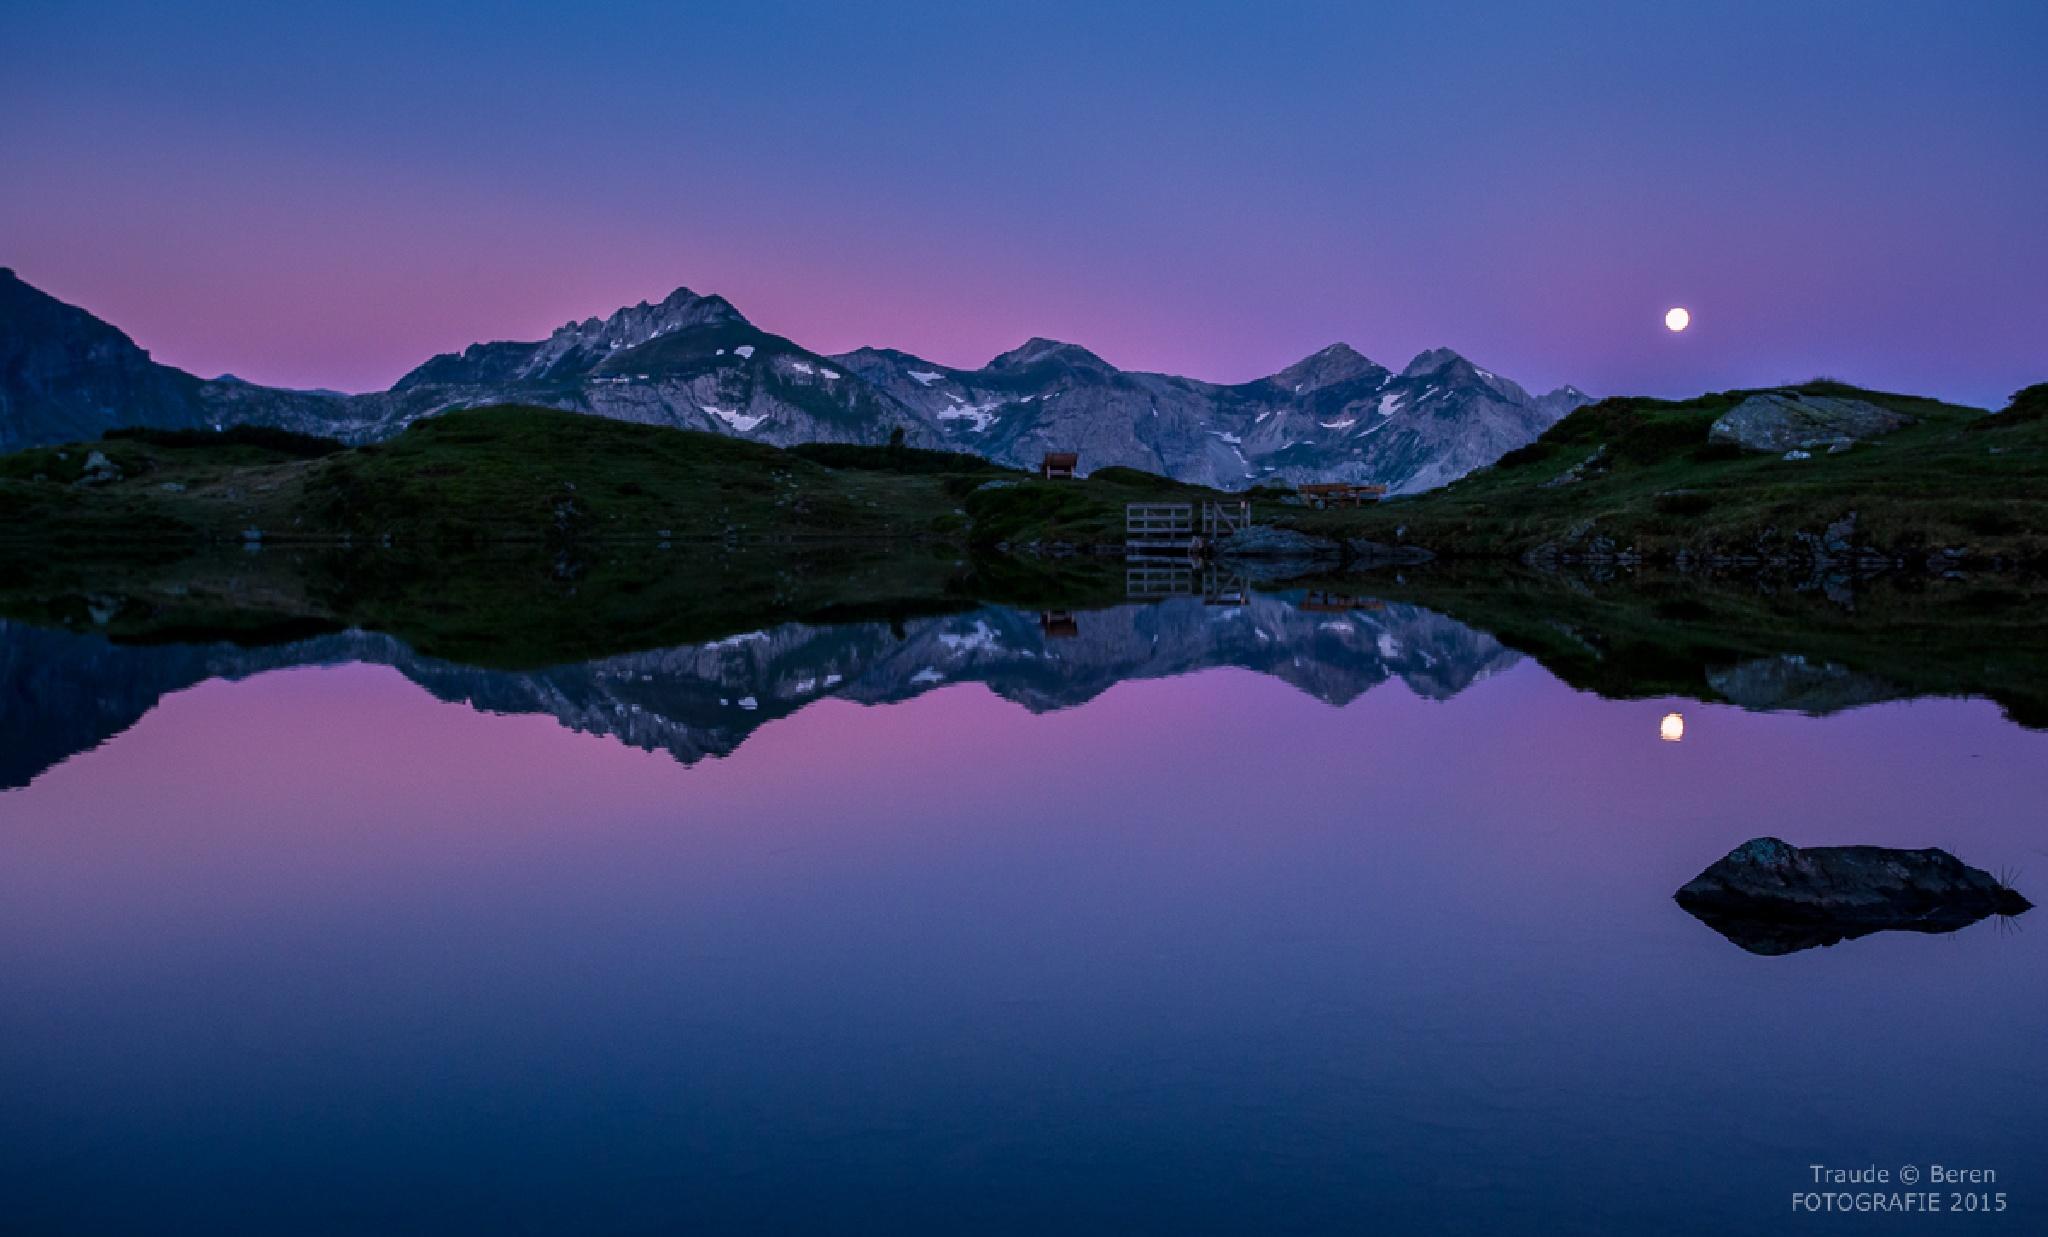 Morgenstunde am Krummschnabelsee by Traude Beren